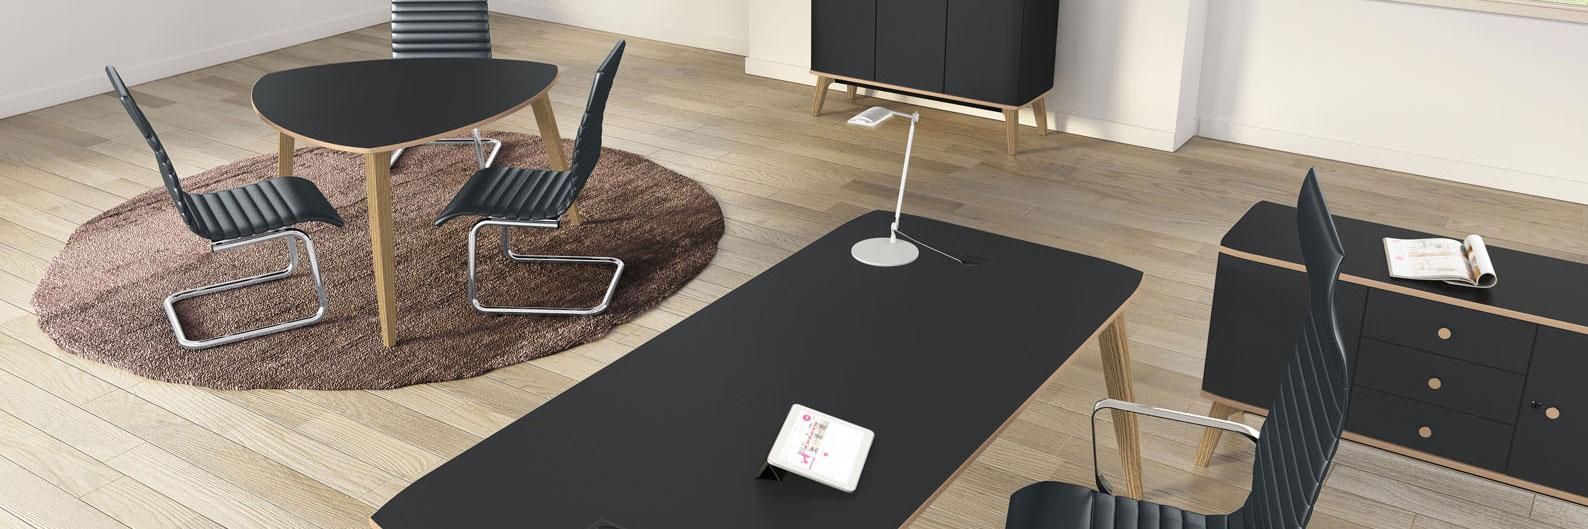 Table et bureau design pour meubler vos locaux professionnels